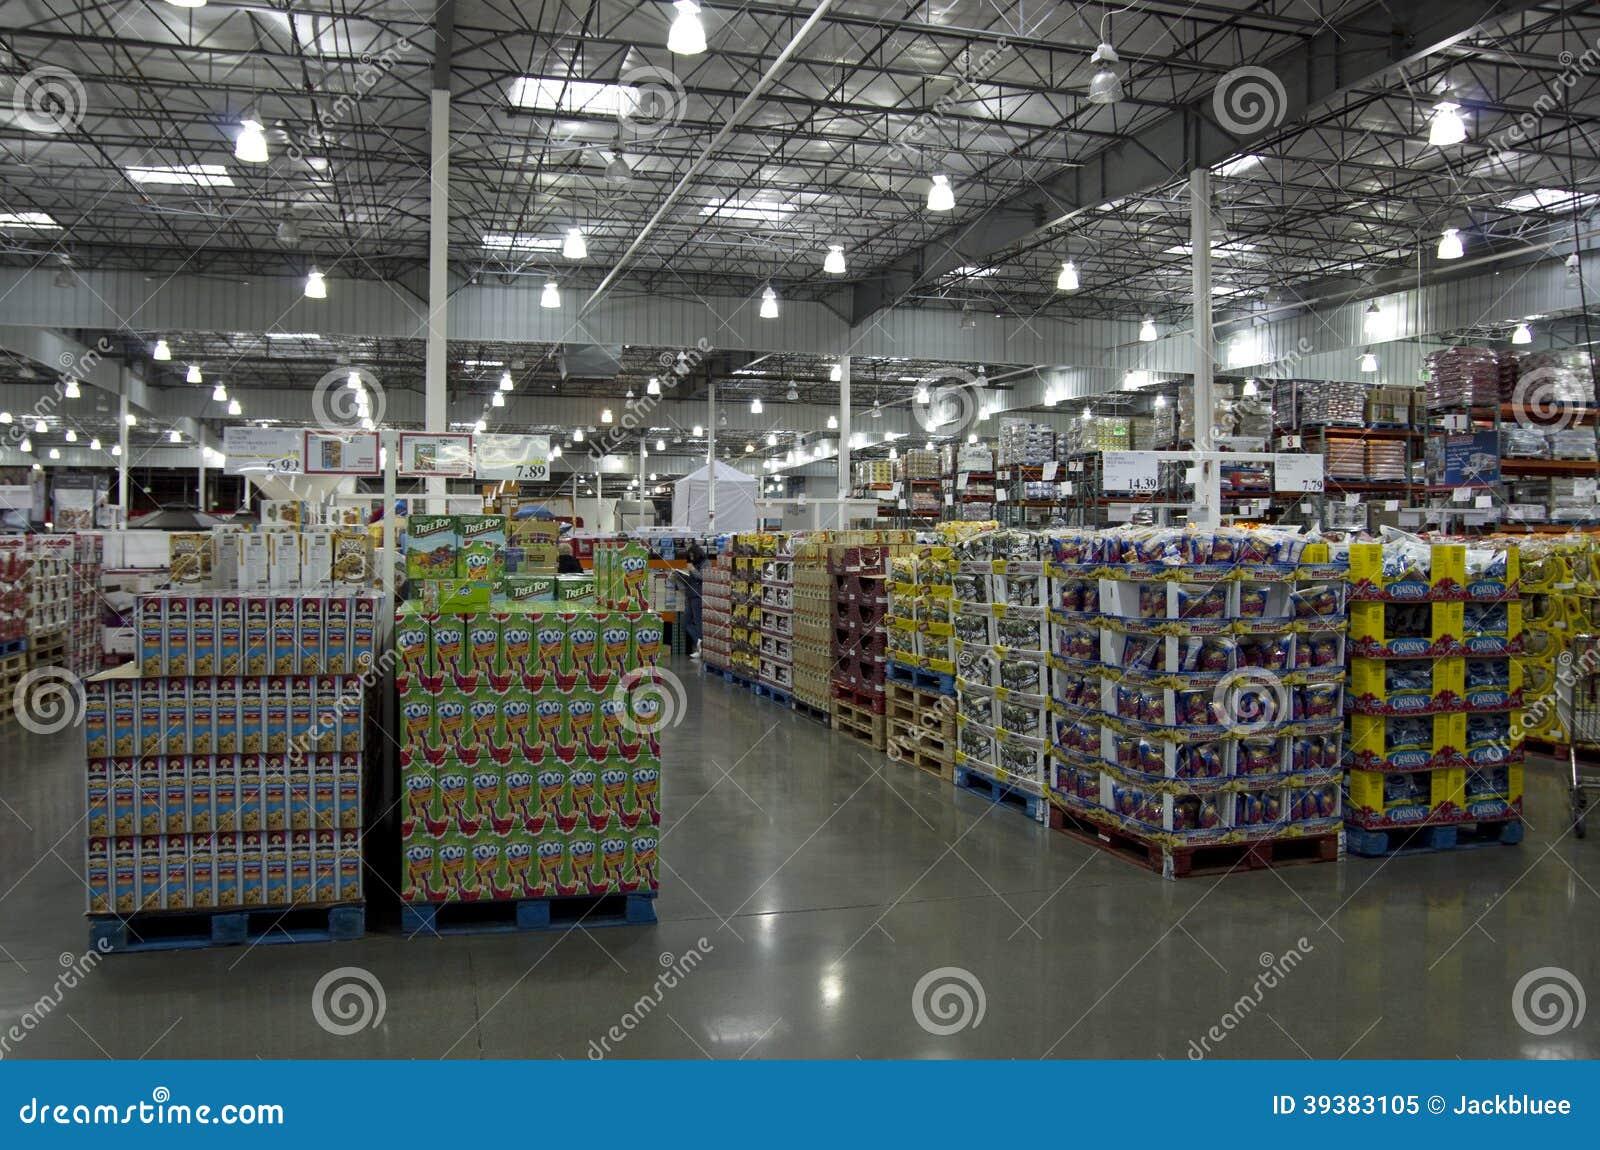 Tienda De Costco Stock Photos - Royalty Free Images